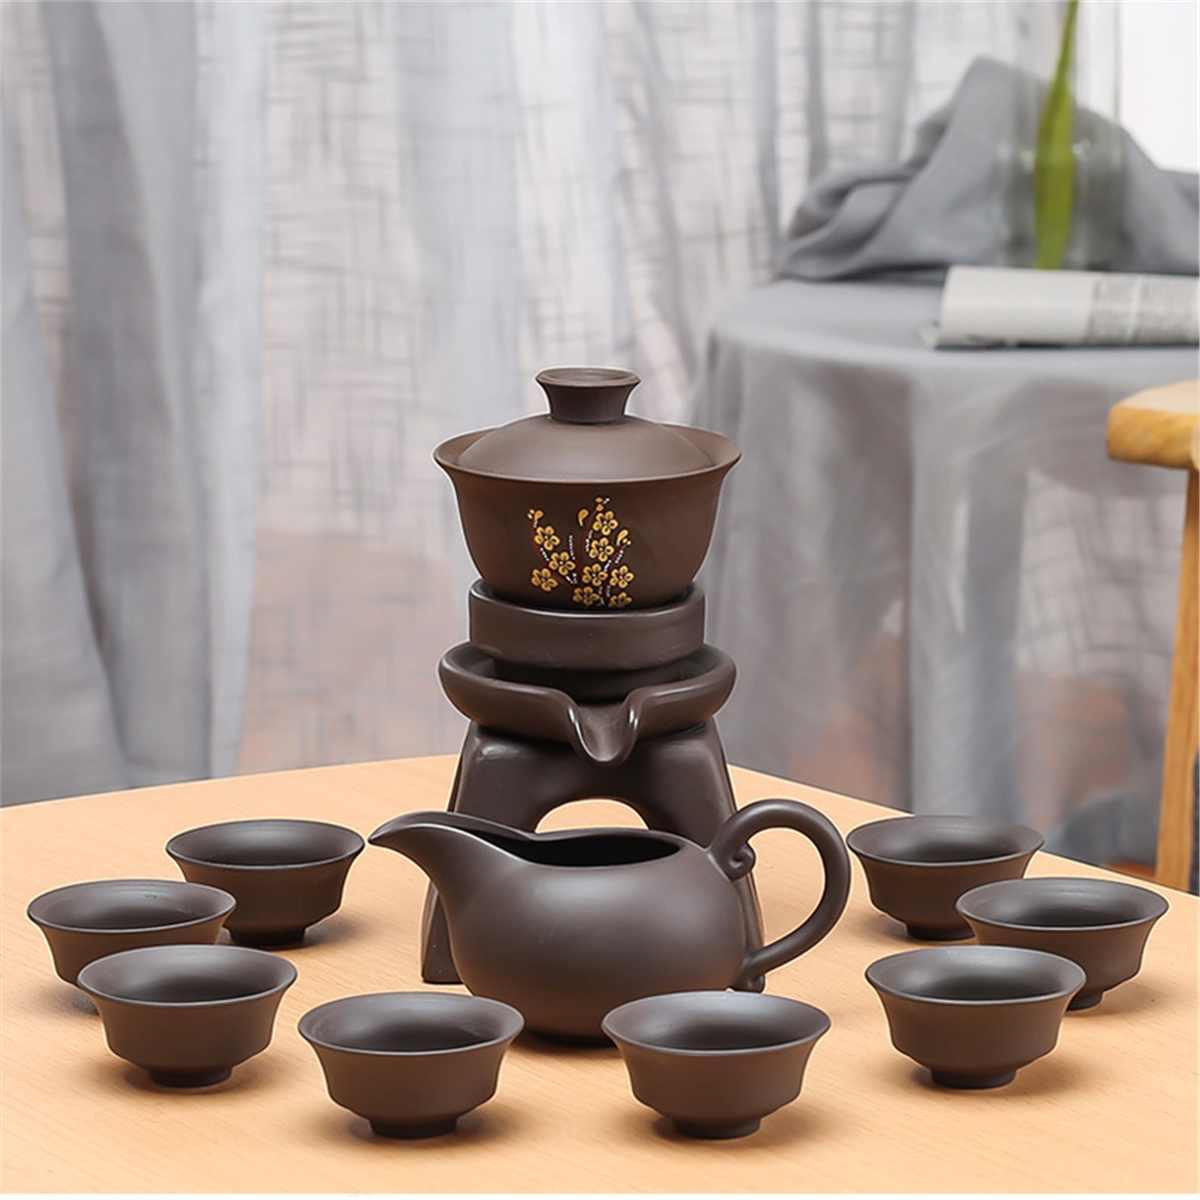 9 pièces chinois Kung Fu thé ensemble porcelaine théière Pot tasse élégante bouilloire bois plateau de support infuseur pichet violet argile